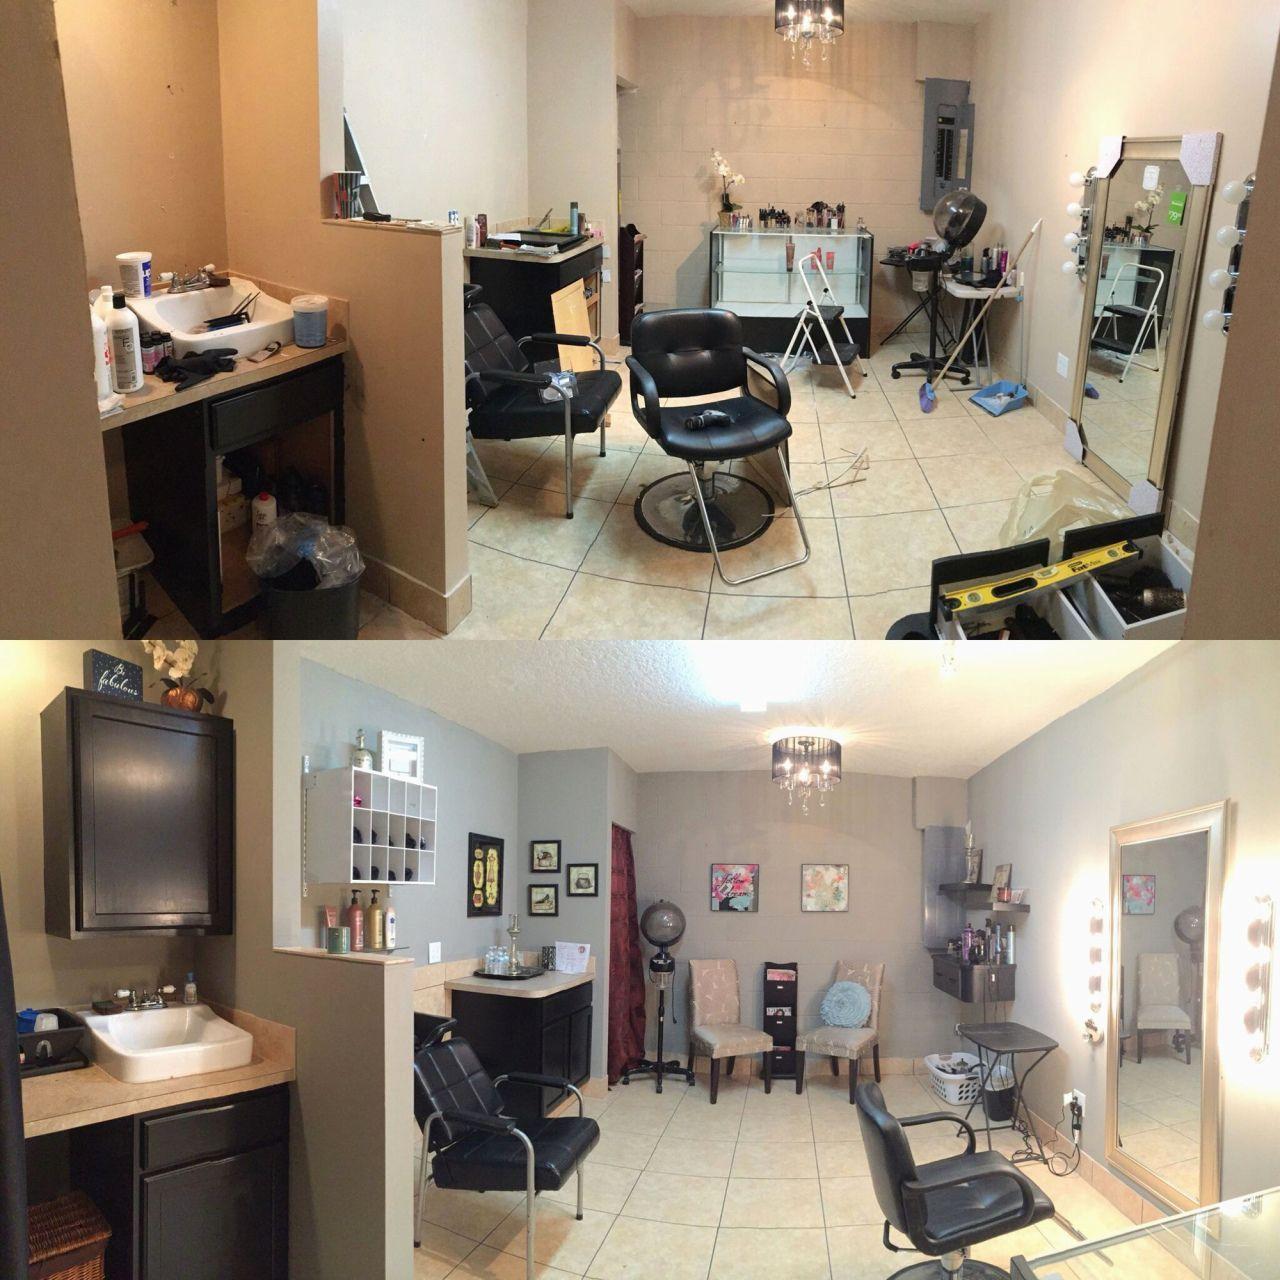 Épinglé par soso yopi sur Salon de coiffure en 20  Idee couleur